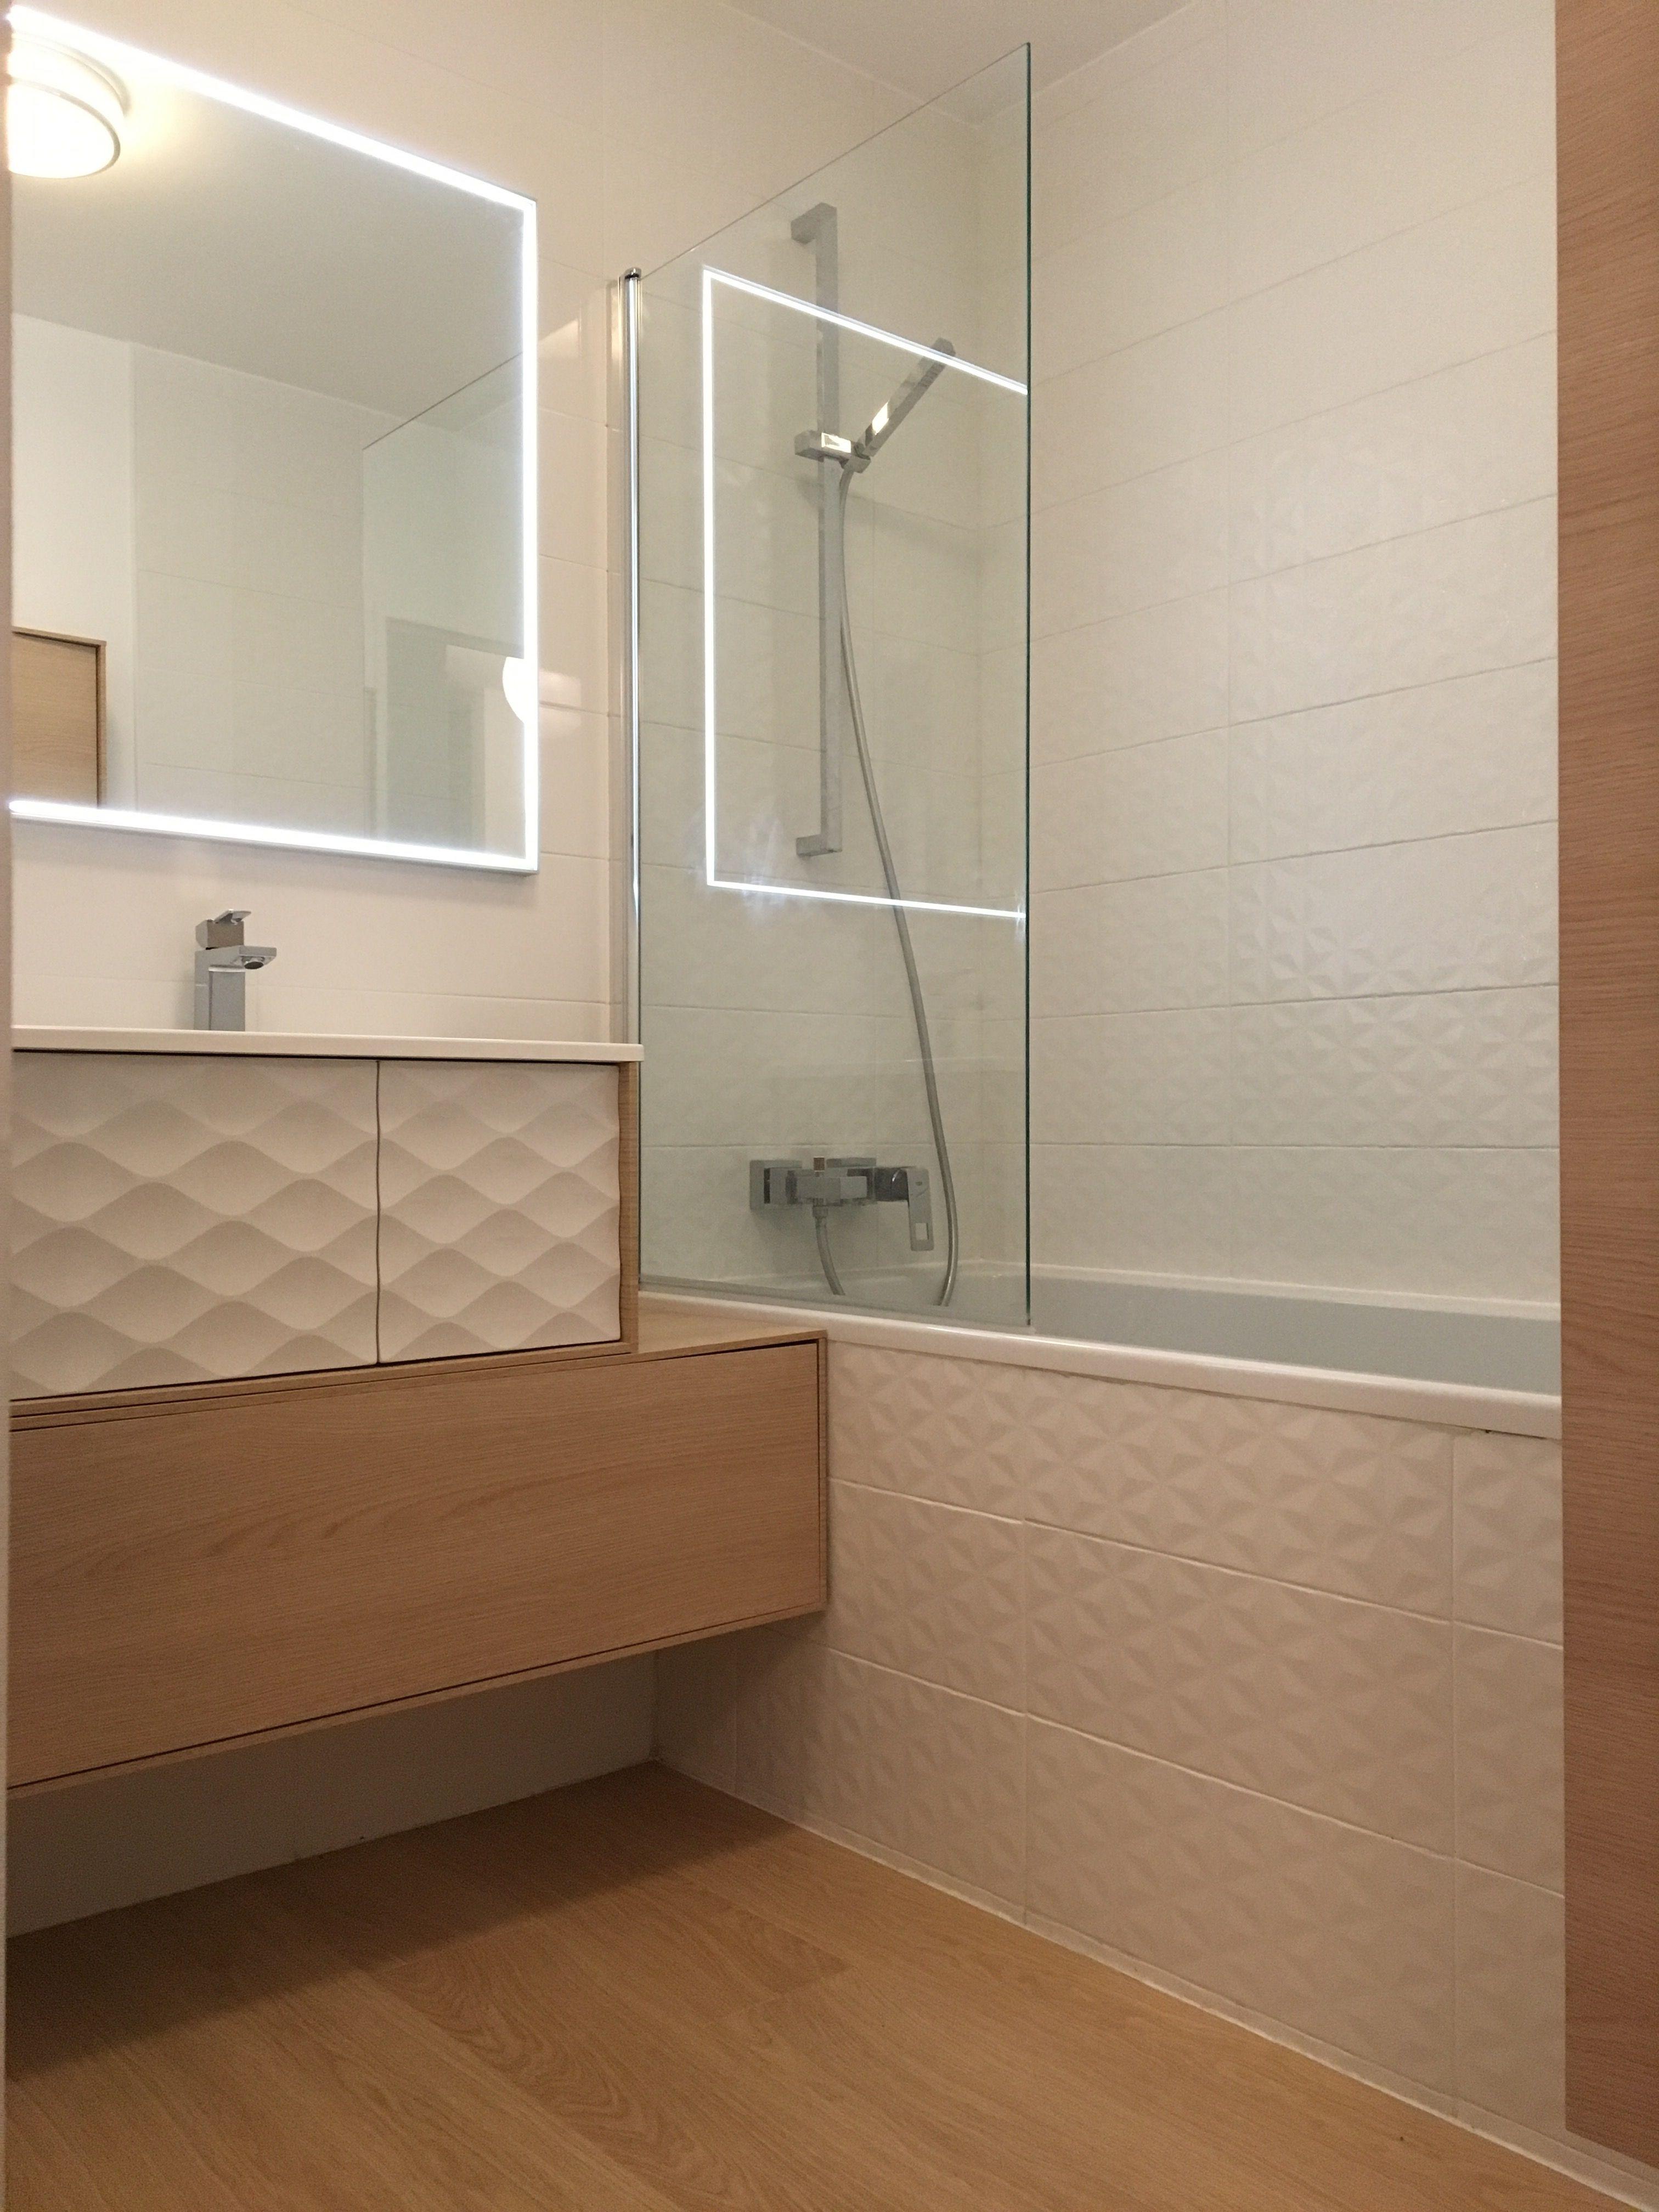 salle de bain dessin e par nuance d 39 int rieur mobilier. Black Bedroom Furniture Sets. Home Design Ideas